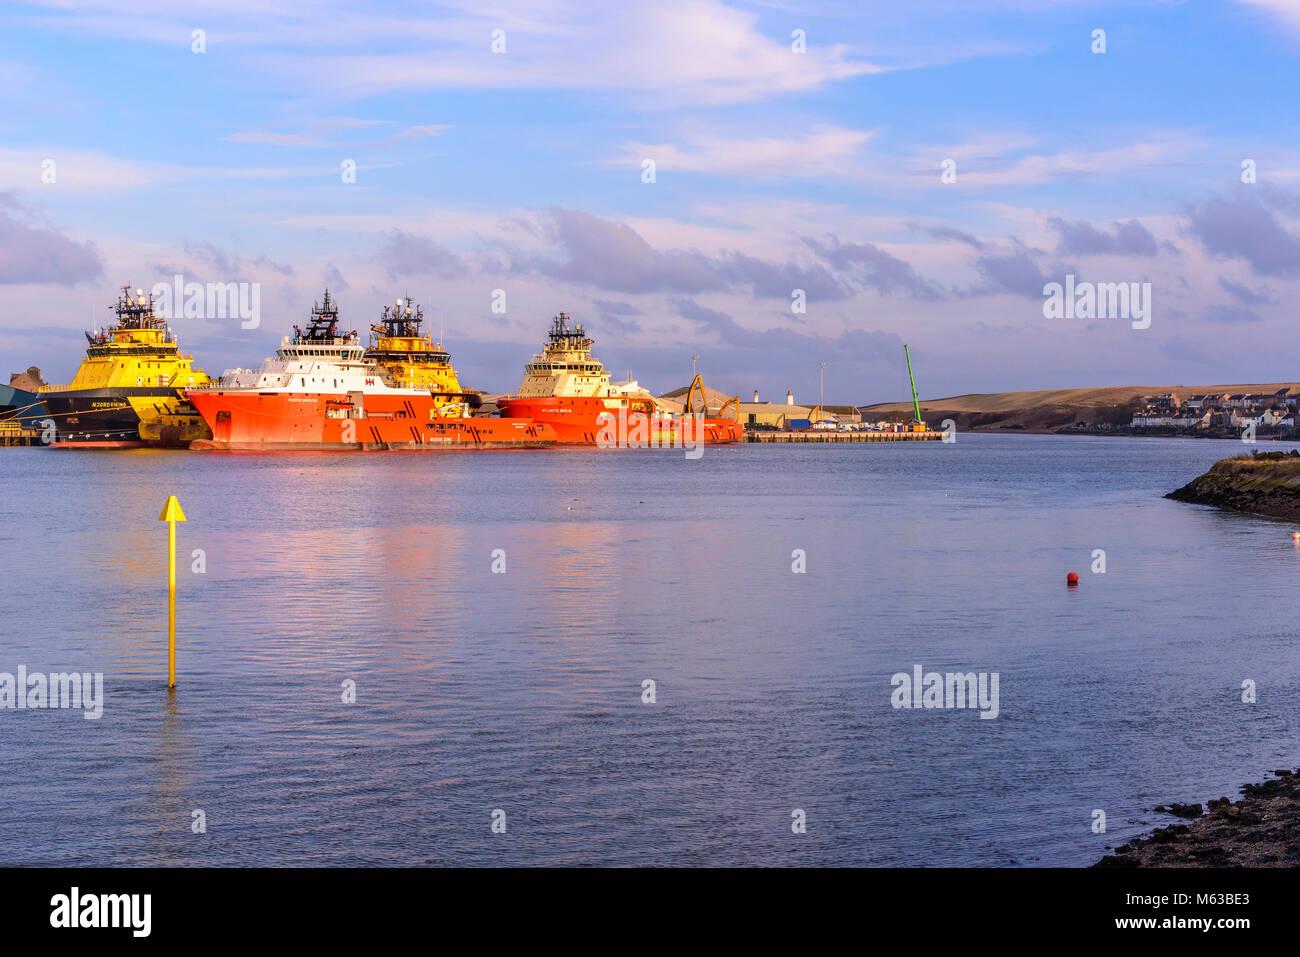 Industrie pétrolière Rig des navires de soutien à Montrose harbor, Scotalnd. Photo Stock